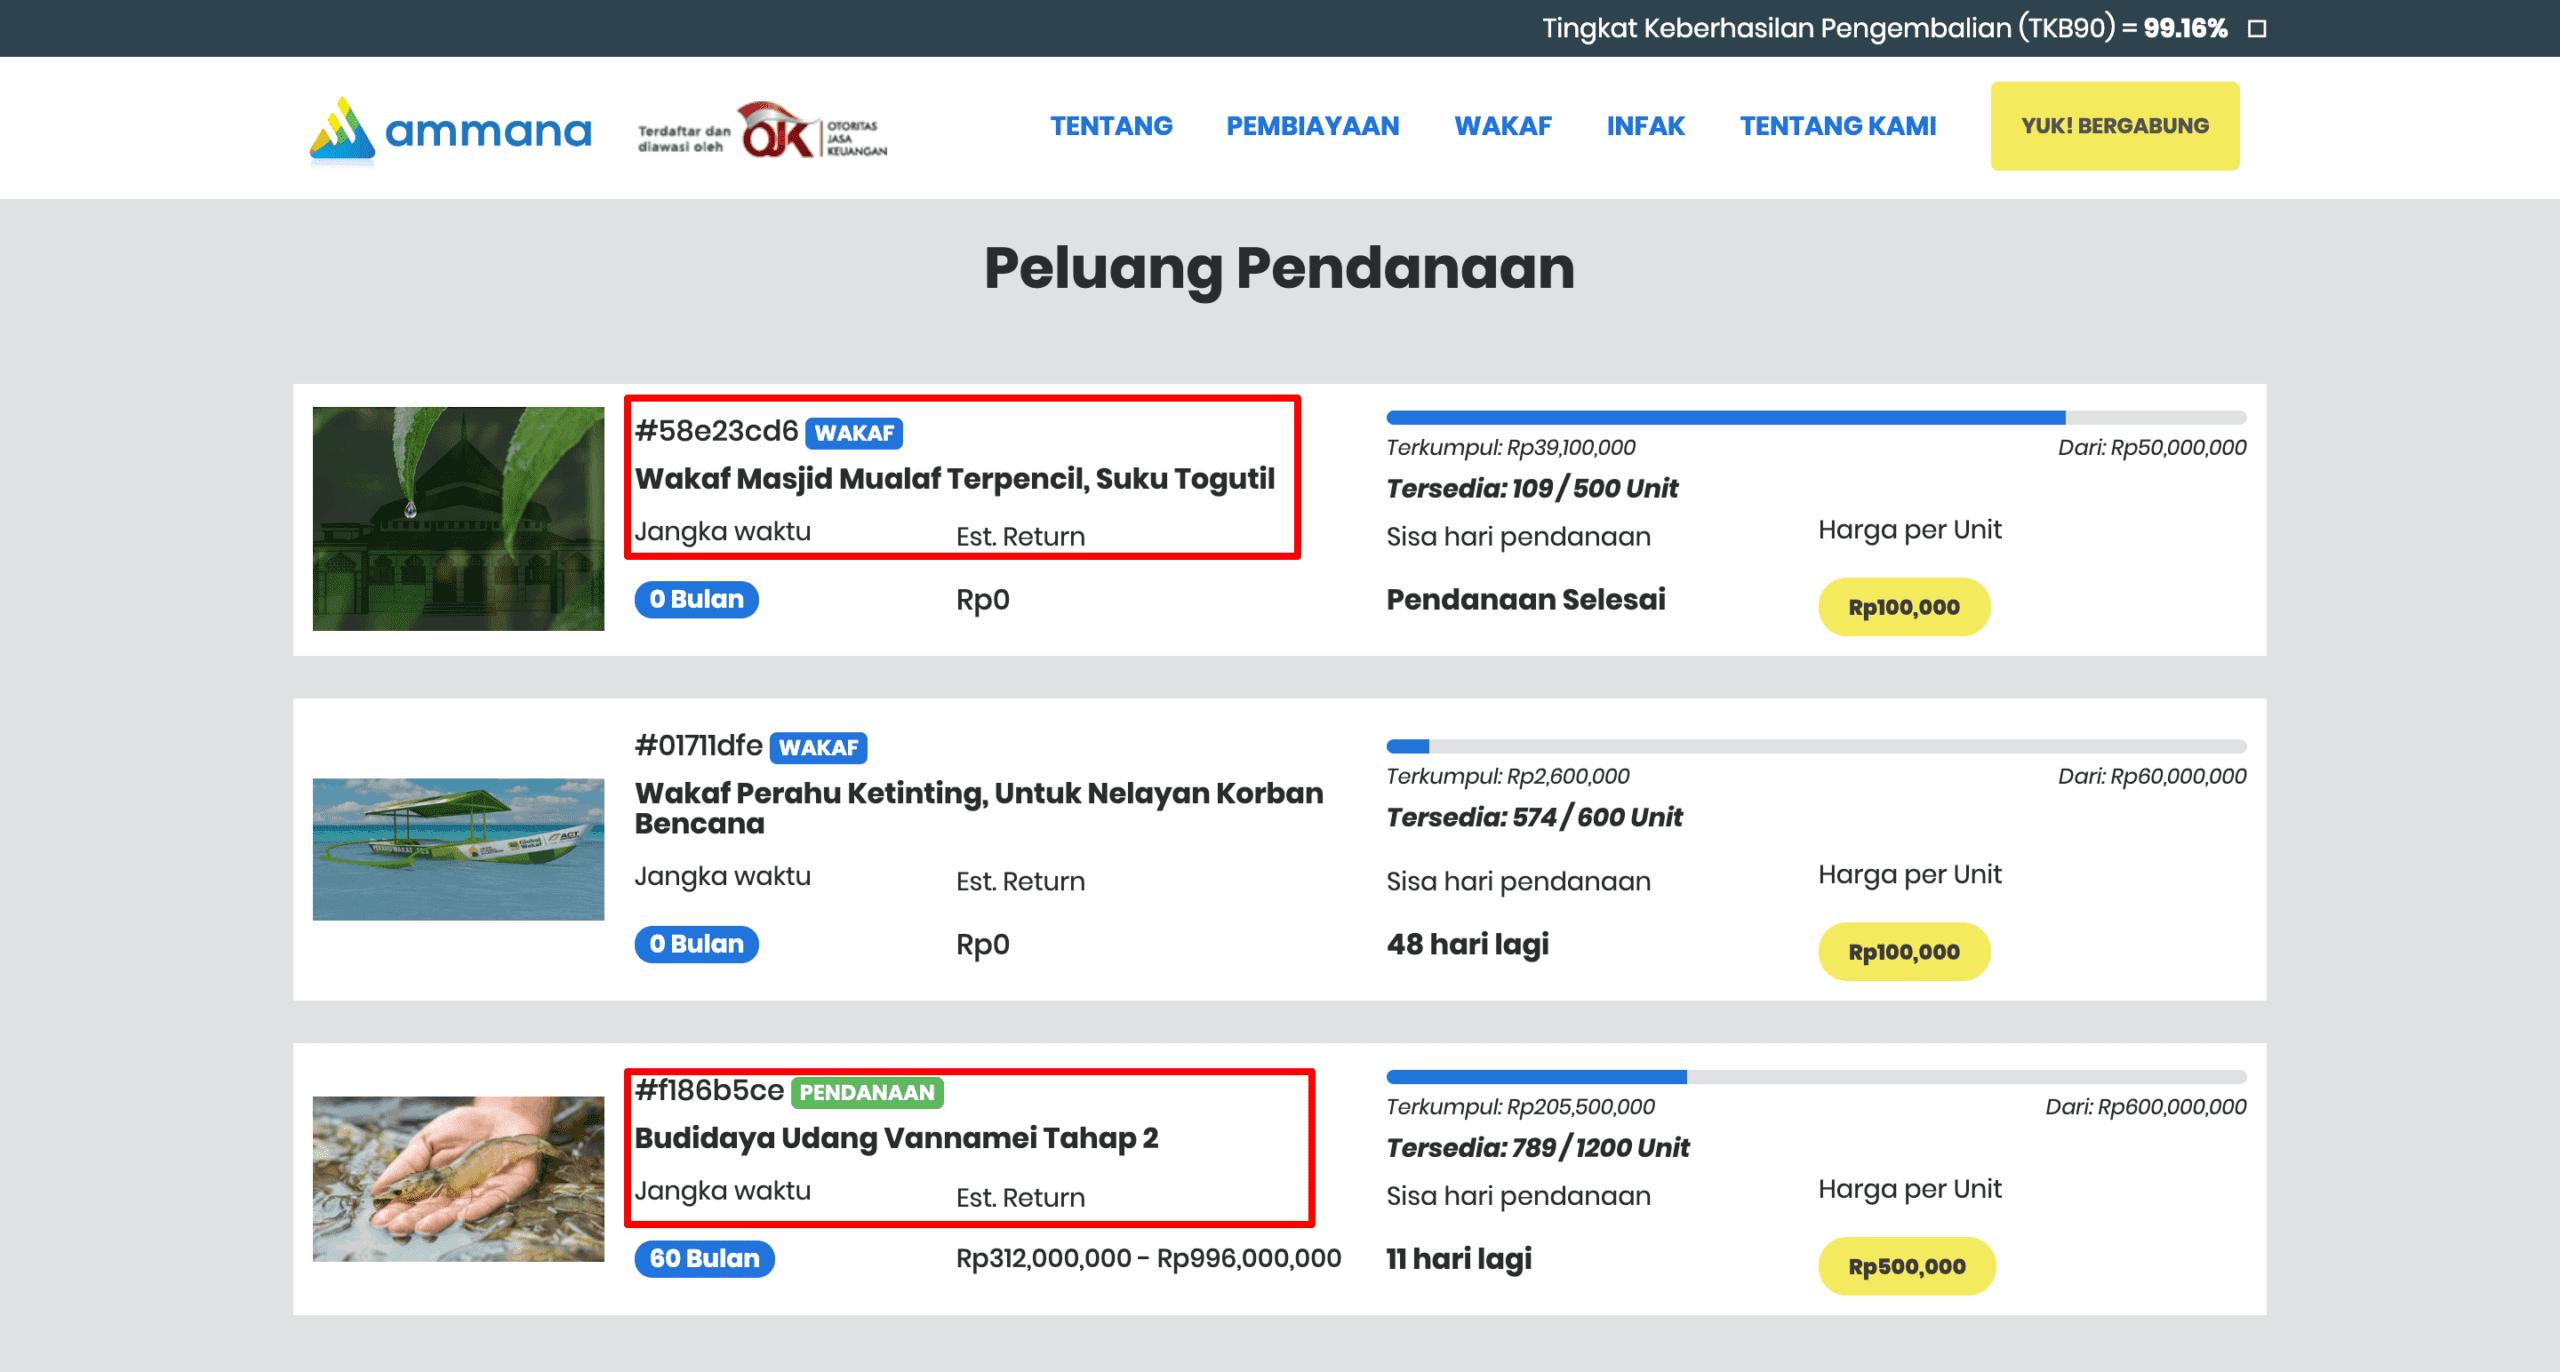 Pinjaman Online Syariah Ammana. Contoh penawaran pinjaman Ammana